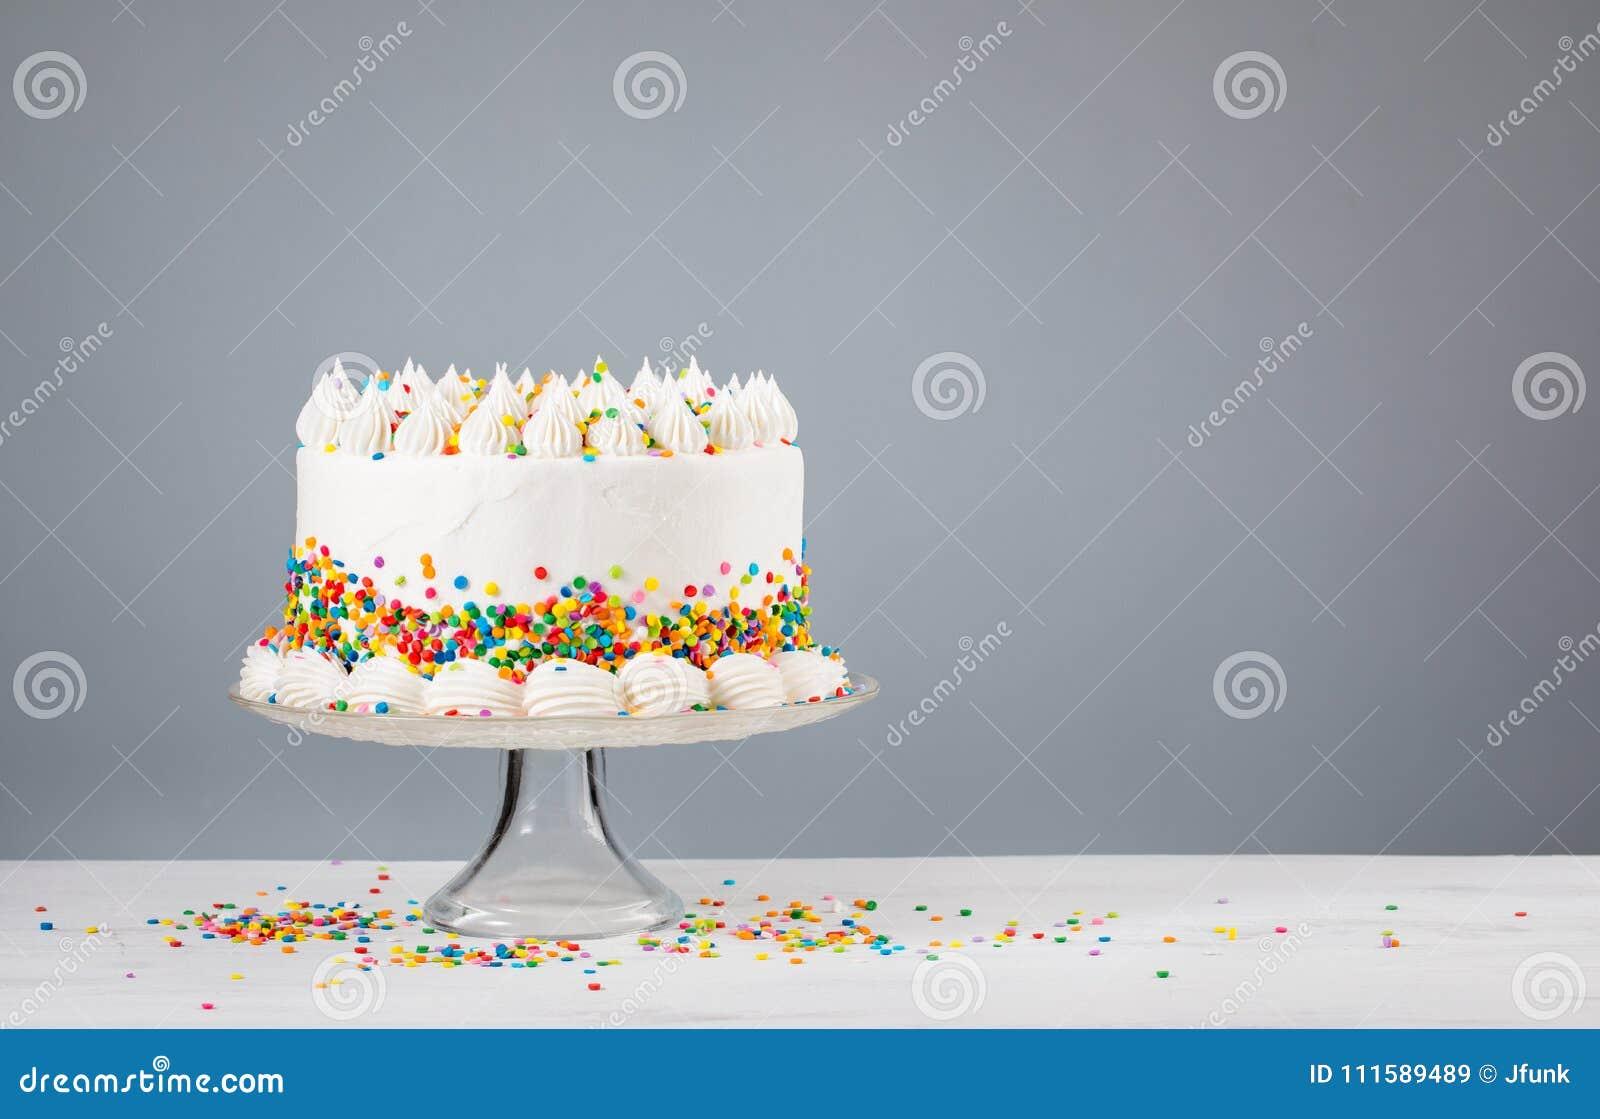 Weißer Buttercream-Geburtstags-Kuchen mit besprüht